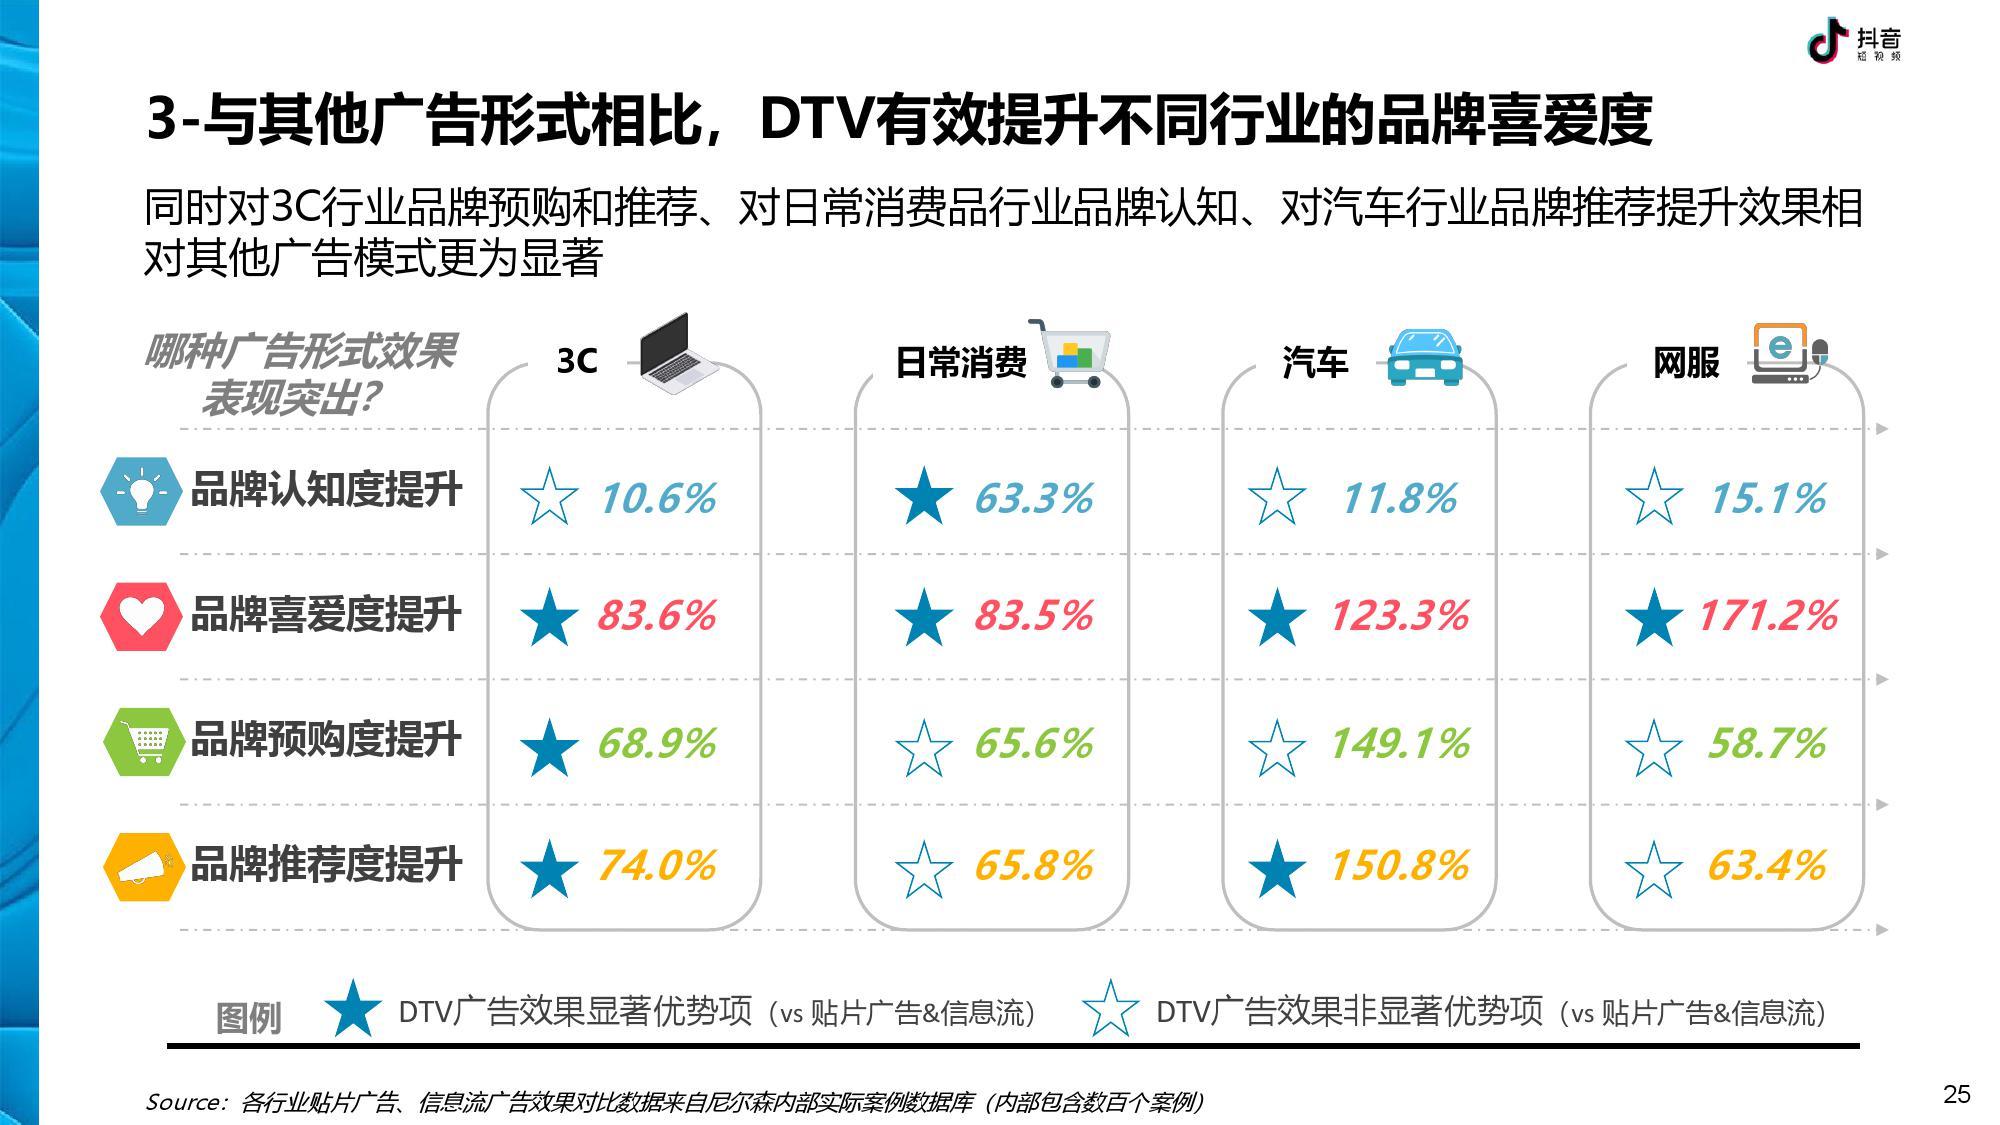 抖音 DTV 广告营销价值白皮书-CNMOAD 中文移动营销资讯 25